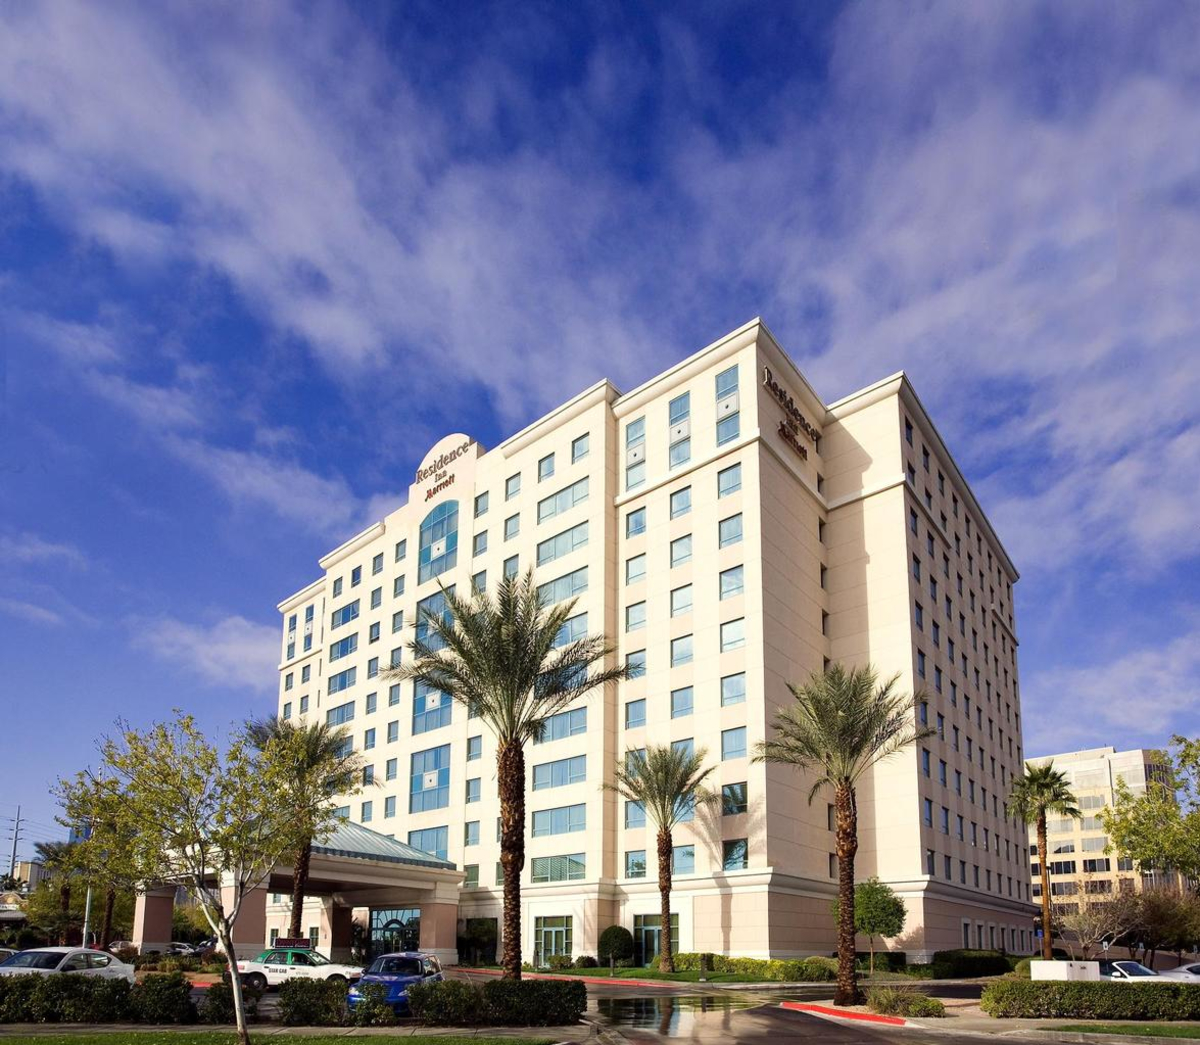 Marriott 2 Bedroom Suites Las Vegas: Marriott Residence Inn Las Vegas Hughes Center